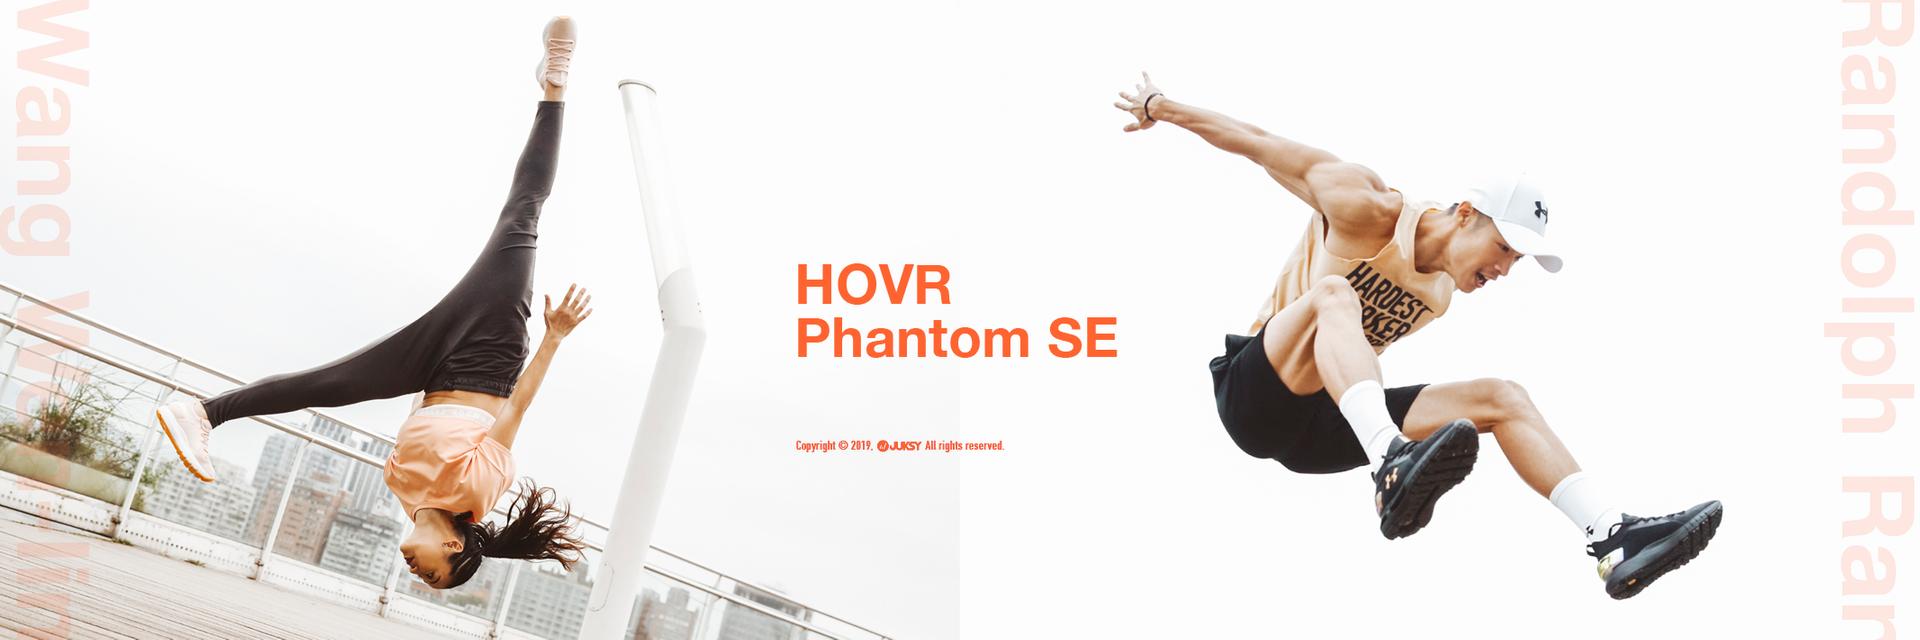 街頭潮人PICK : UA HOVR 零重力跑鞋讓每個落地更完美 ! 緩震 X 輕量一次享受怎麼可以錯過 ?